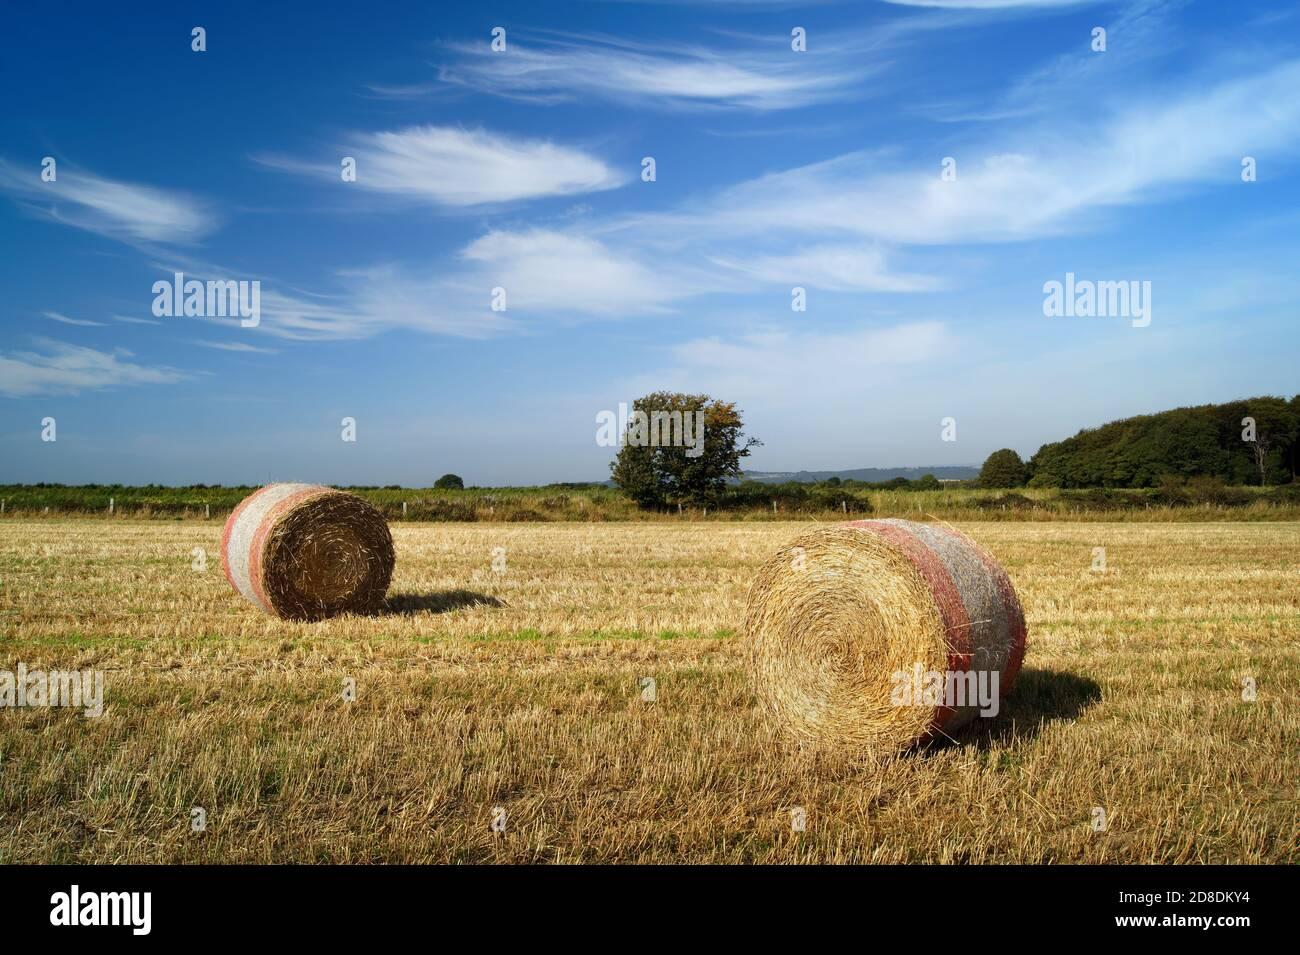 UK, South Yorkshire, Barnsley, Drum Hay Ballen auf dem Feld in der Nähe von Silkstone Common Stockfoto